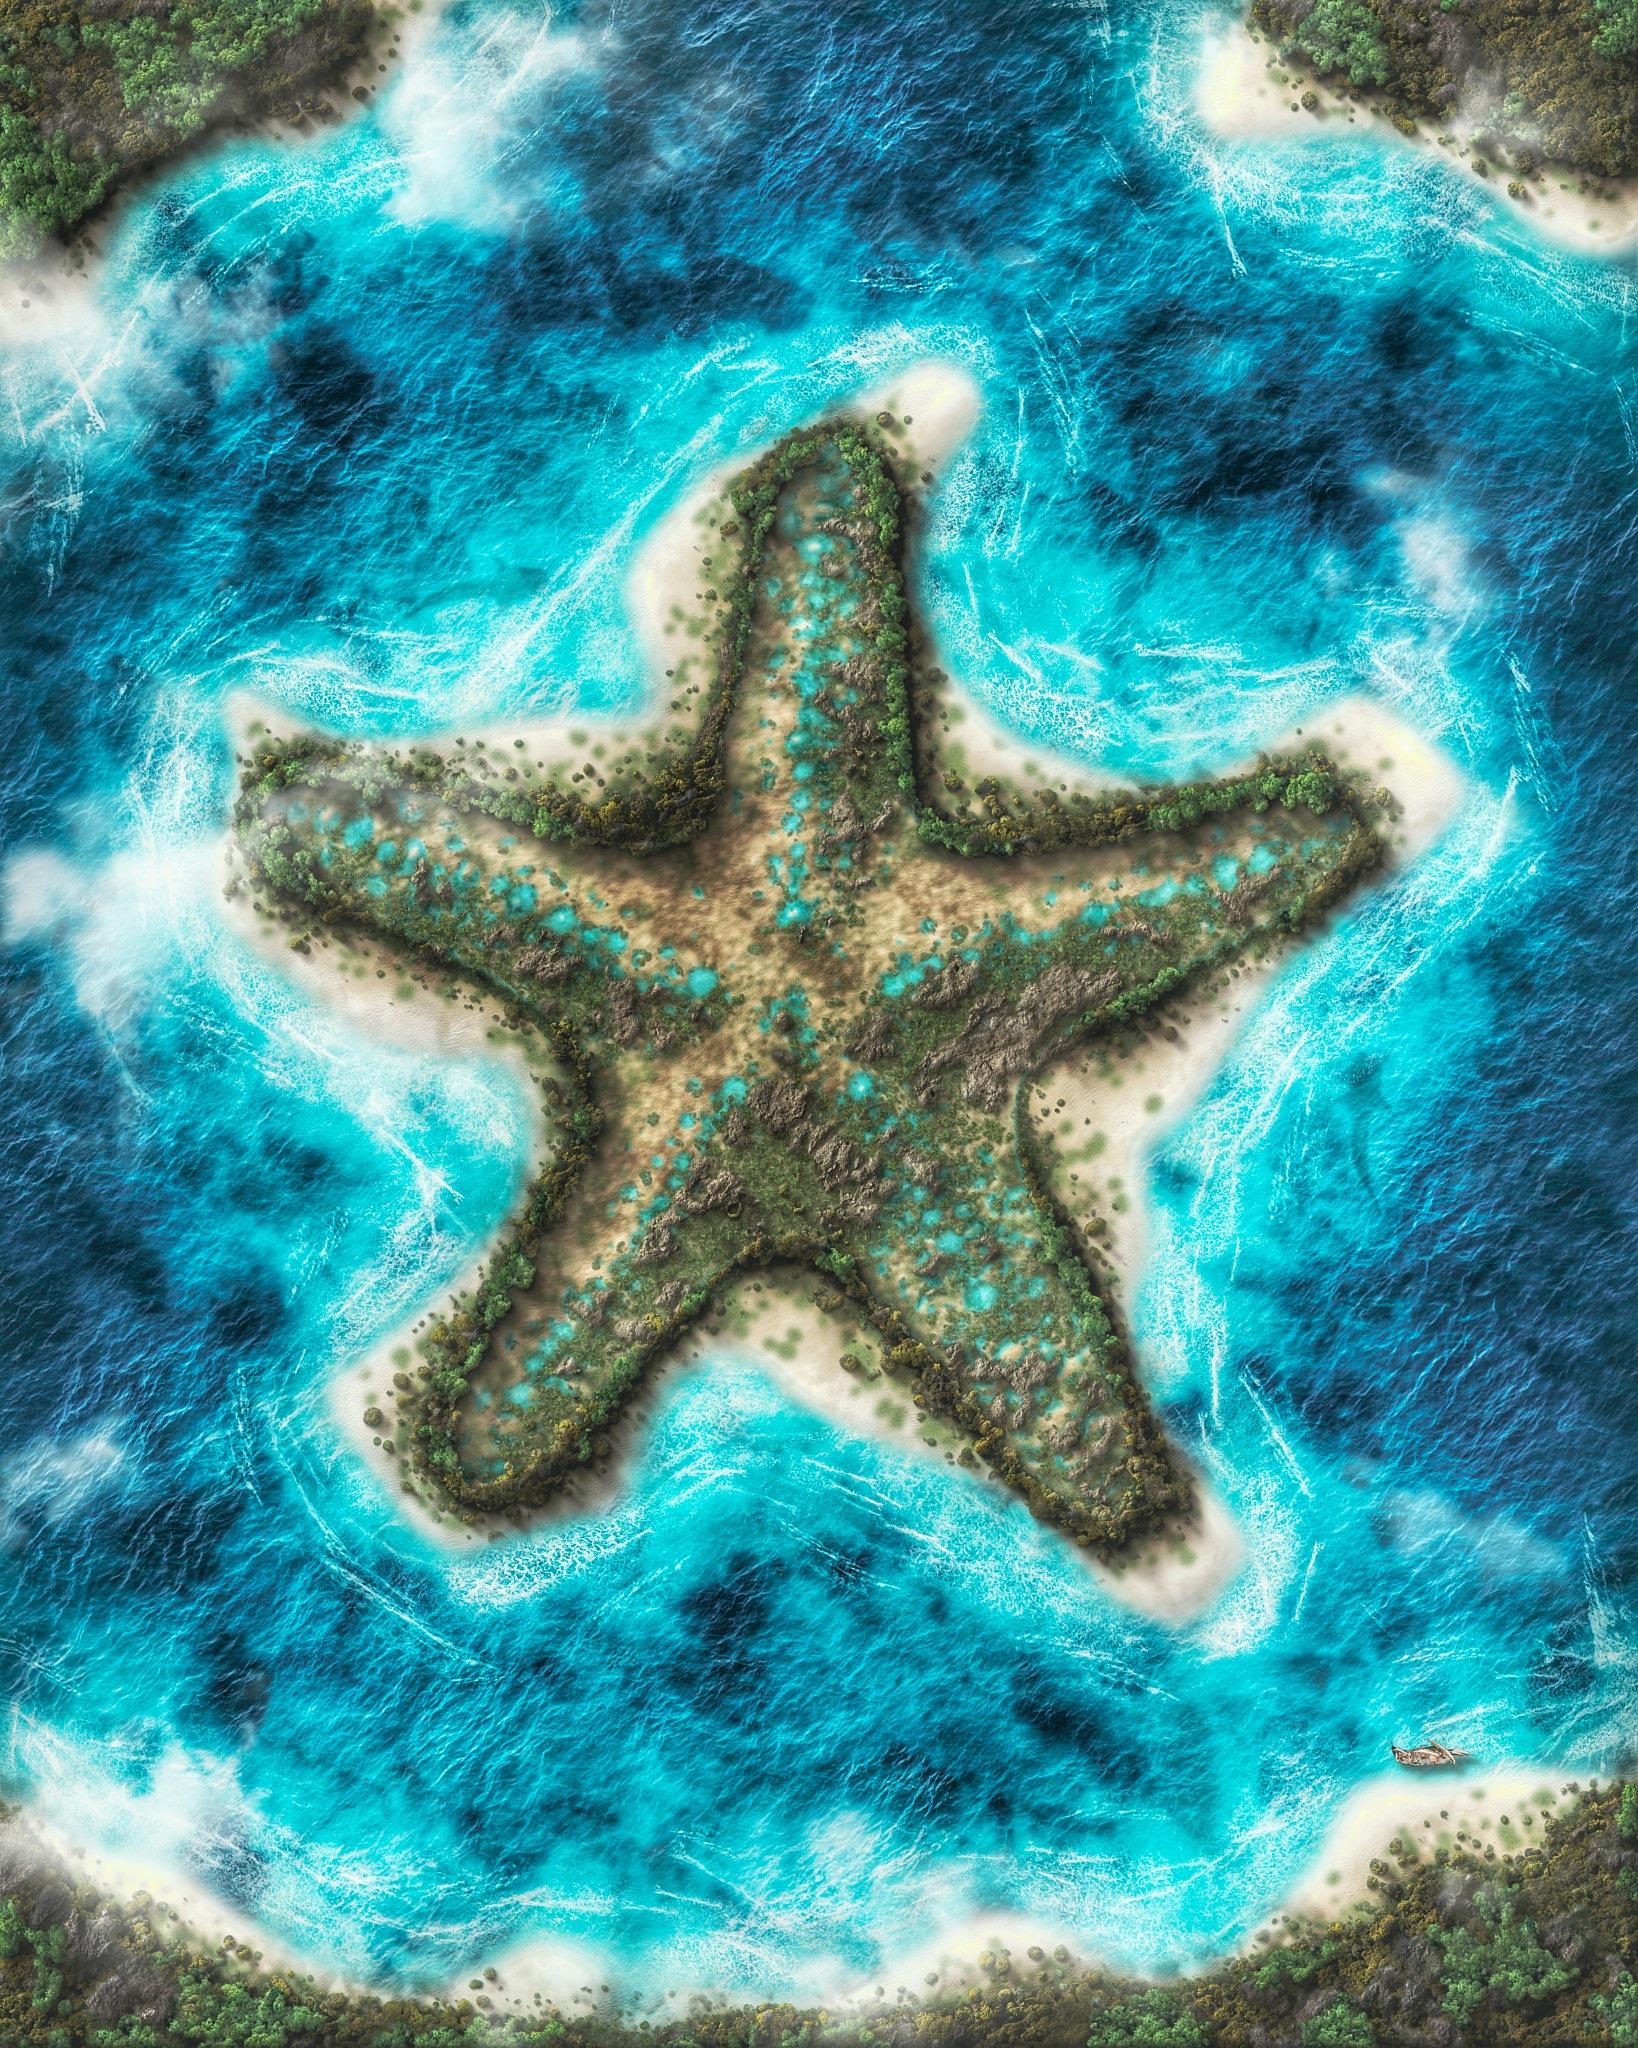 Bintang Laut Island by wahyurifo